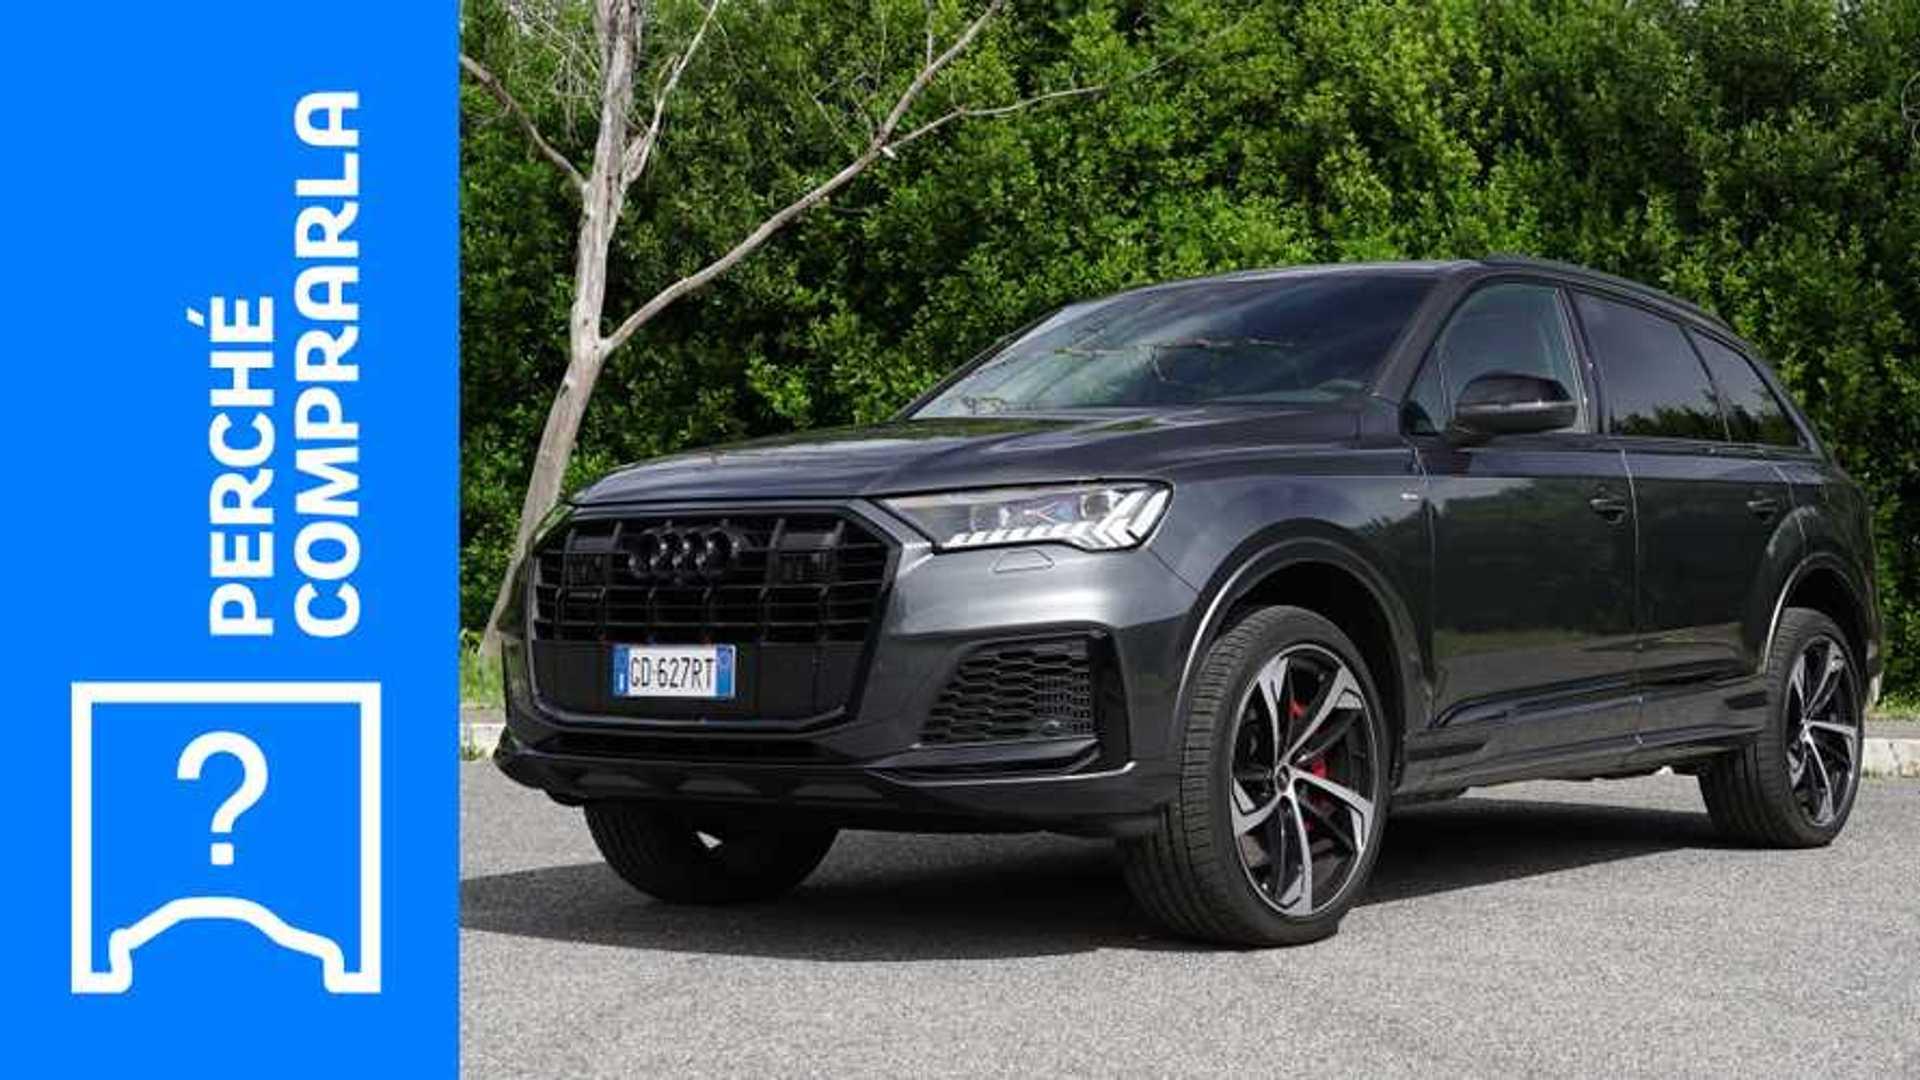 Audi Q7 (2021), perché comprarla e perché no